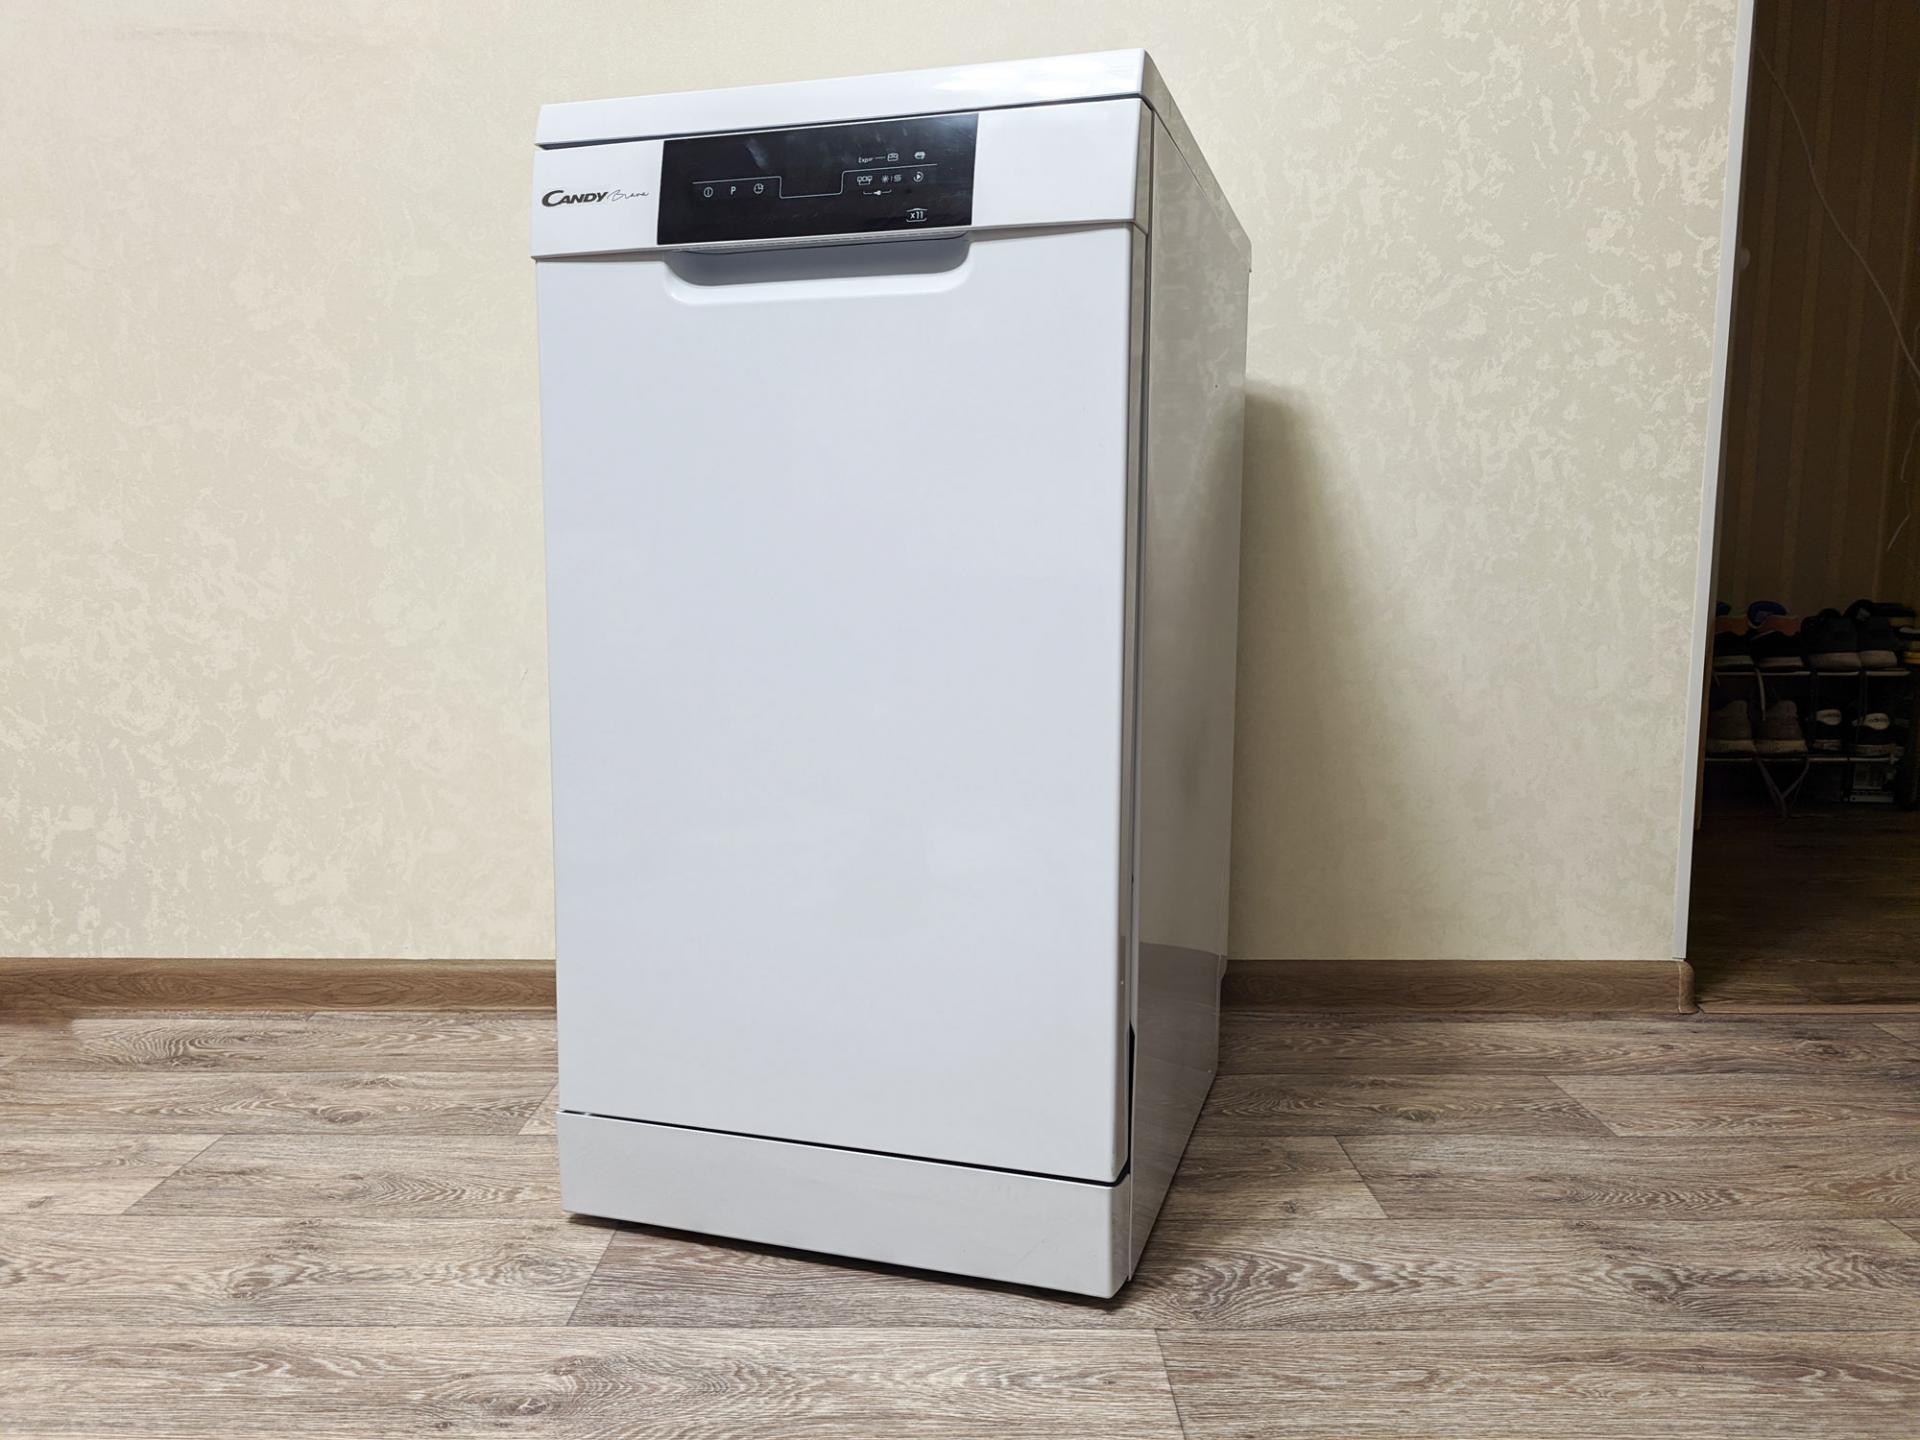 Тест-драйв посудомоечной машины Candy Brava CDPH 2D1149W-08